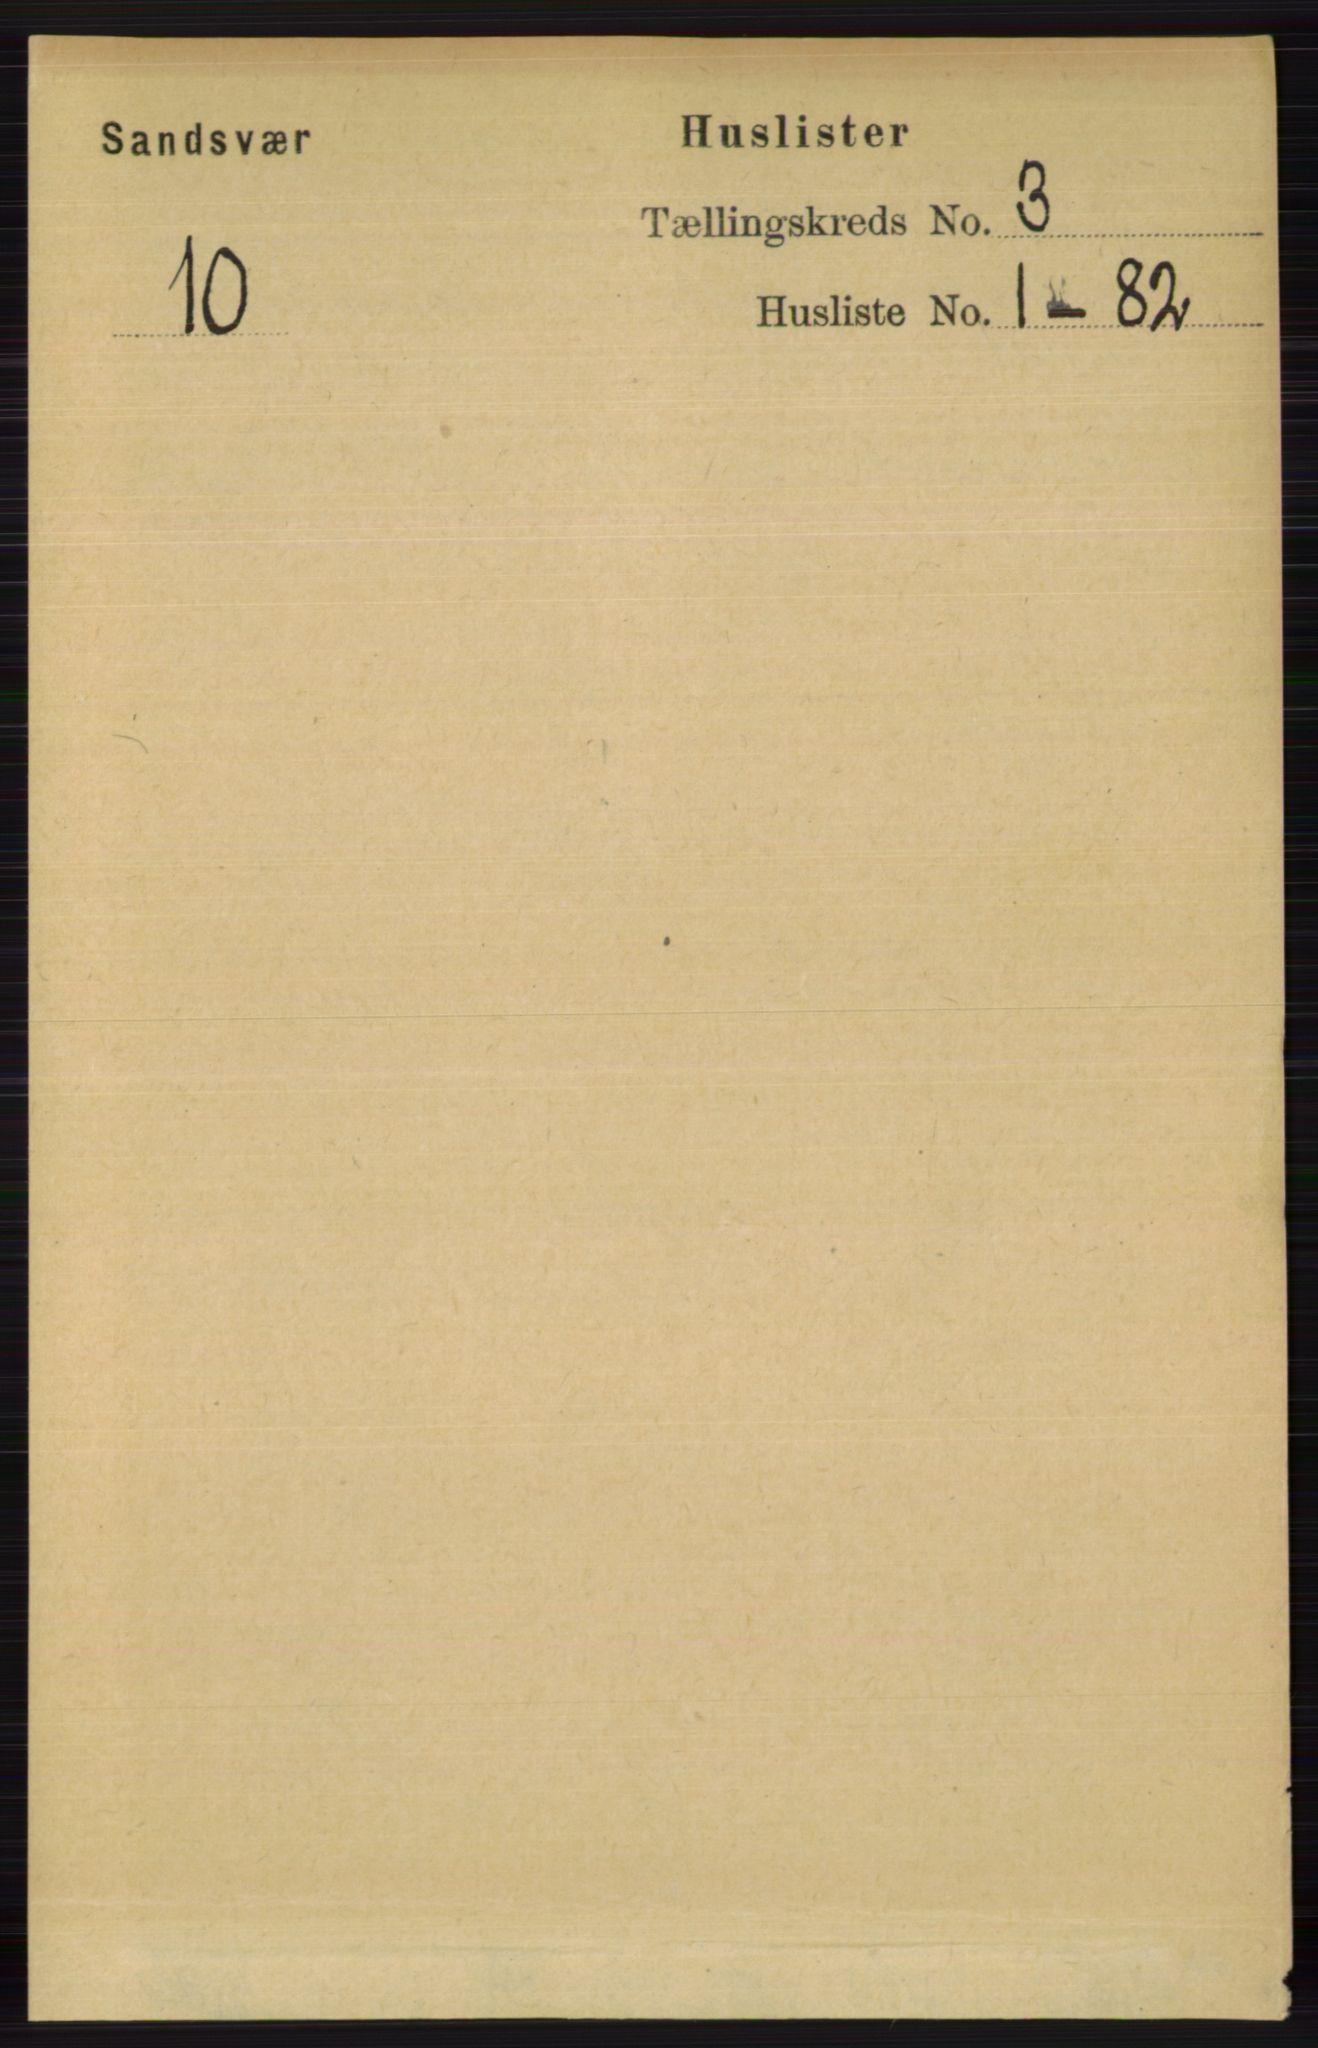 RA, Folketelling 1891 for 0629 Sandsvær herred, 1891, s. 1201